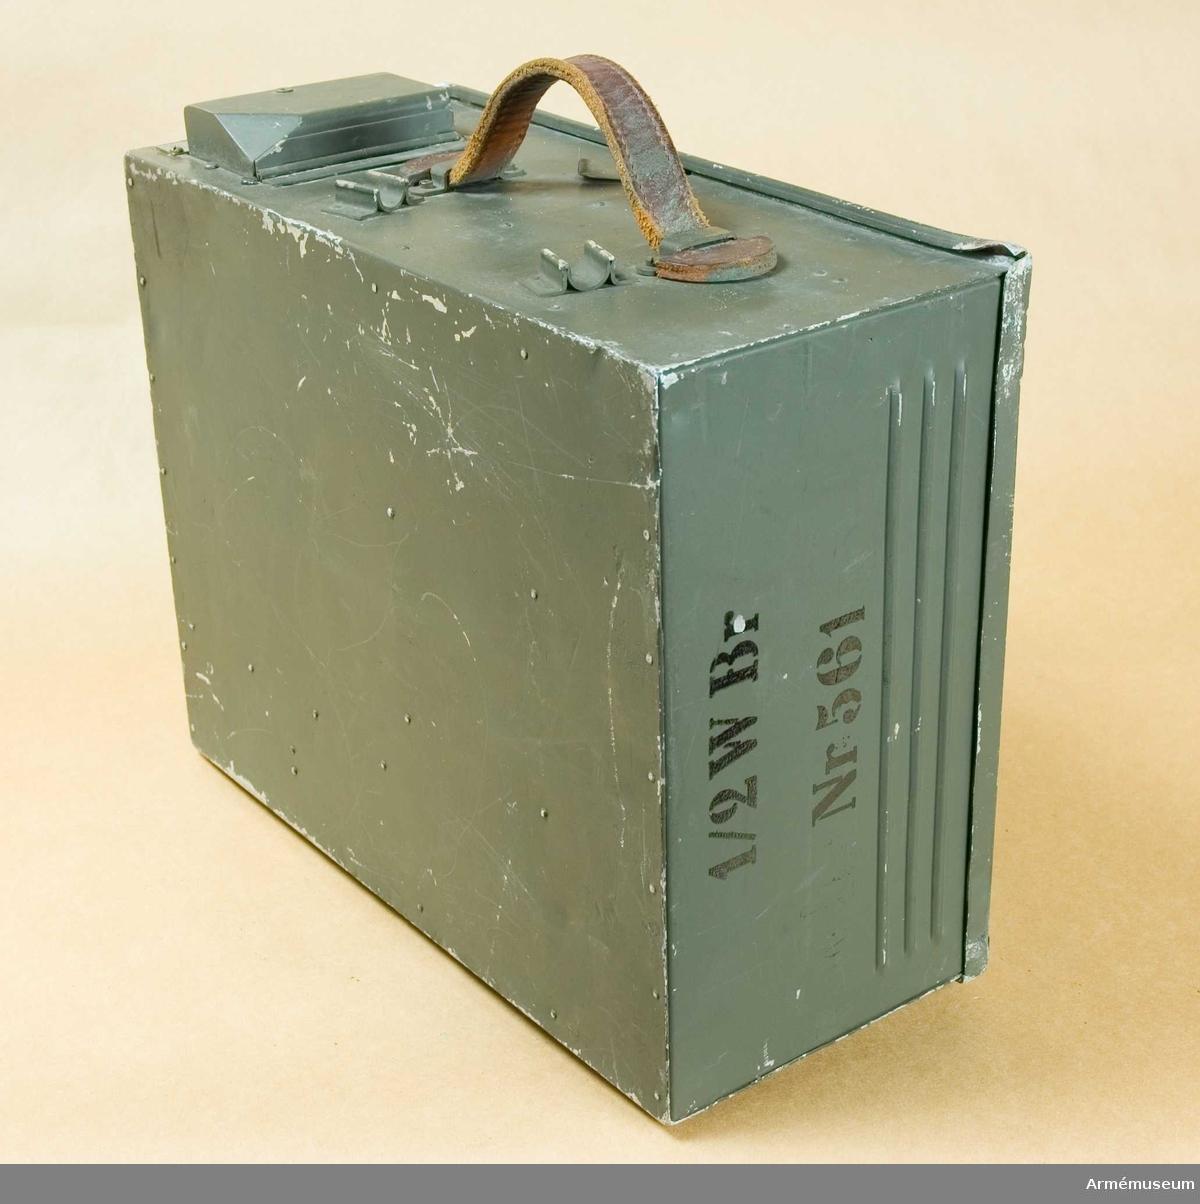 """Radiostation m/1940. ½ Watts. (Typ H-9-B). Bärbar.  Tillverkningsnummer: 007412. Märkt: ½ W Br Nr. 561.  Består av 13 delar. Apparatlåda med lock och bärrem, märkt: ½ W Br Nr: 561. 6 st antennstavar av aluminium. 2 st antennstavar med fäste av gummi. 1 st hörtelefon, enkel. 1 st strupmikrotelefon. 1 st hörtelefon med sele och mikrofon med en """"tratt"""". 1 st elektronrör, märkt: H 4 A. 1 st radiostationen."""